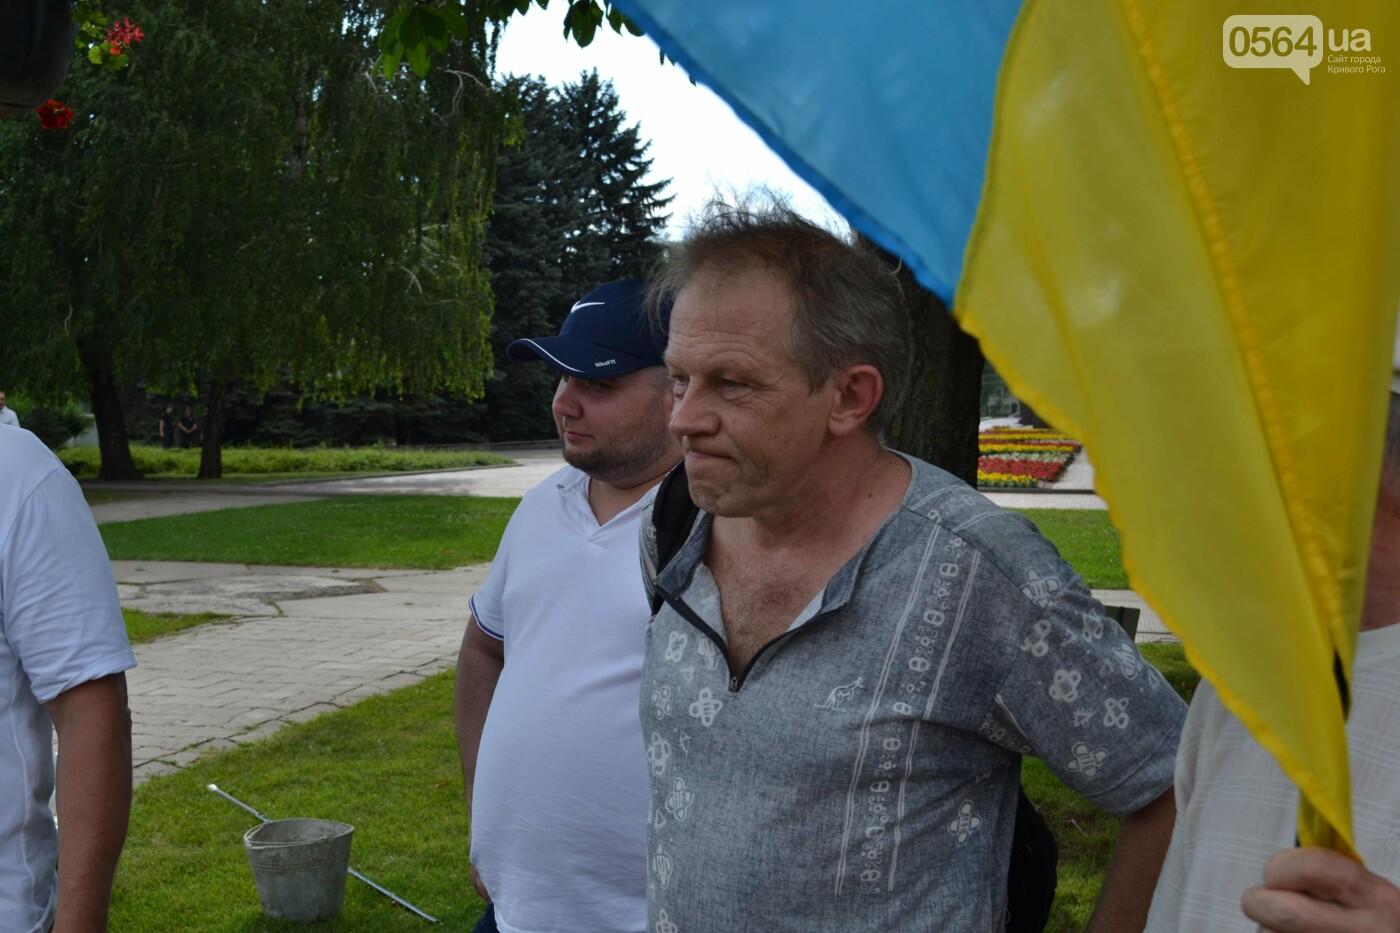 К 30-летию Независимости Украины в Кривом Роге установили мемориальную плиту в память о Корнее Речмидило, - ФОТО, ВИДЕО, фото-58